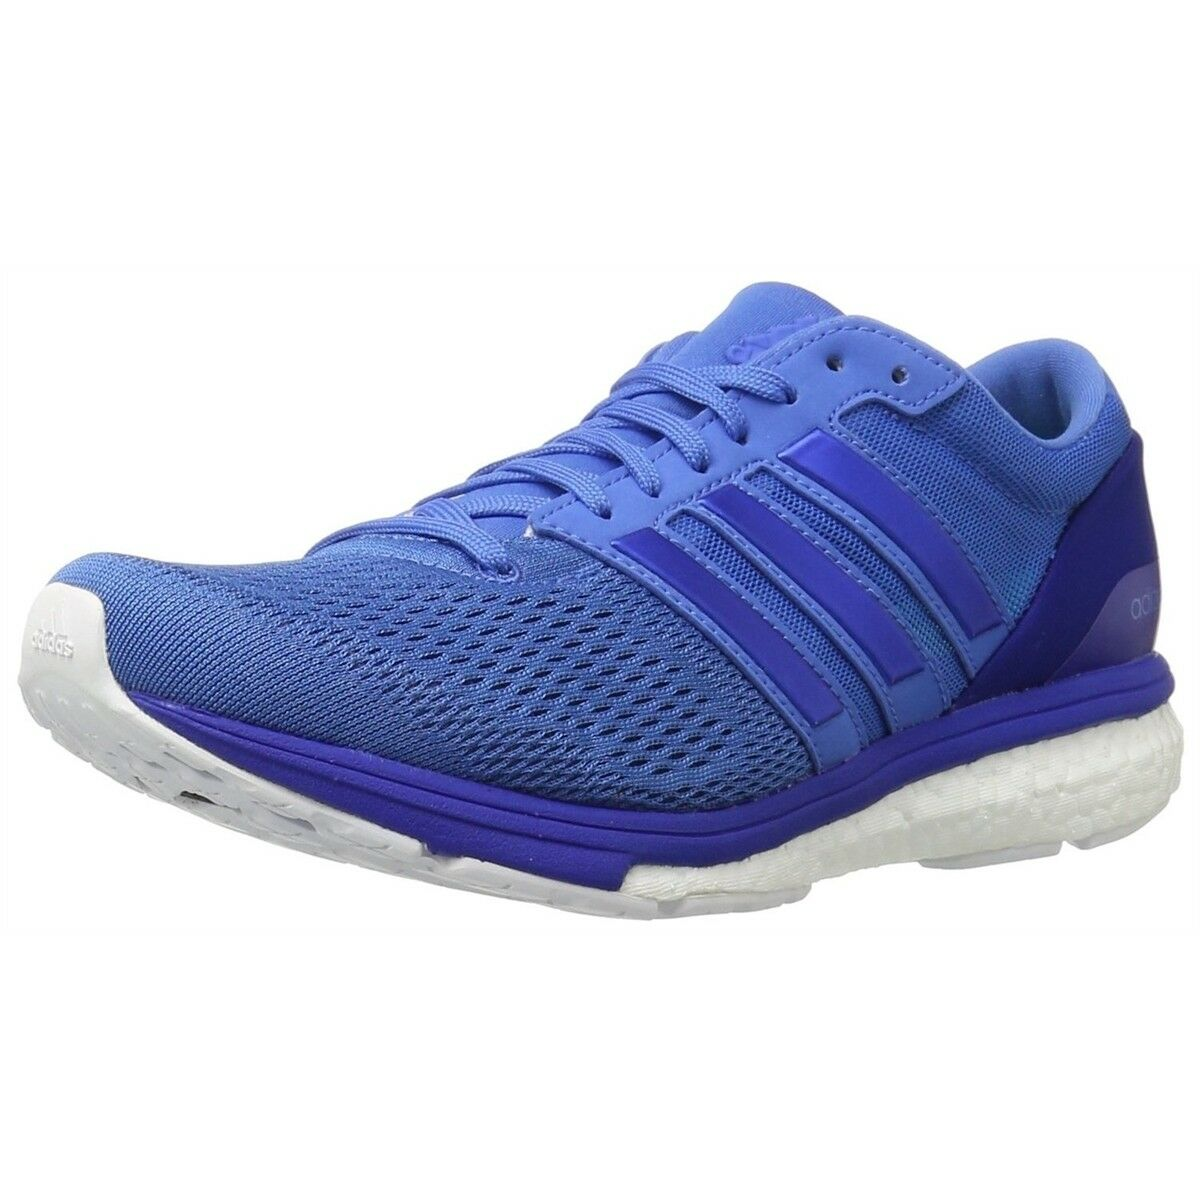 Le Le Le scarpe da ginnastica adidas adizero boston 6 w scarpe da corsa 5fb458